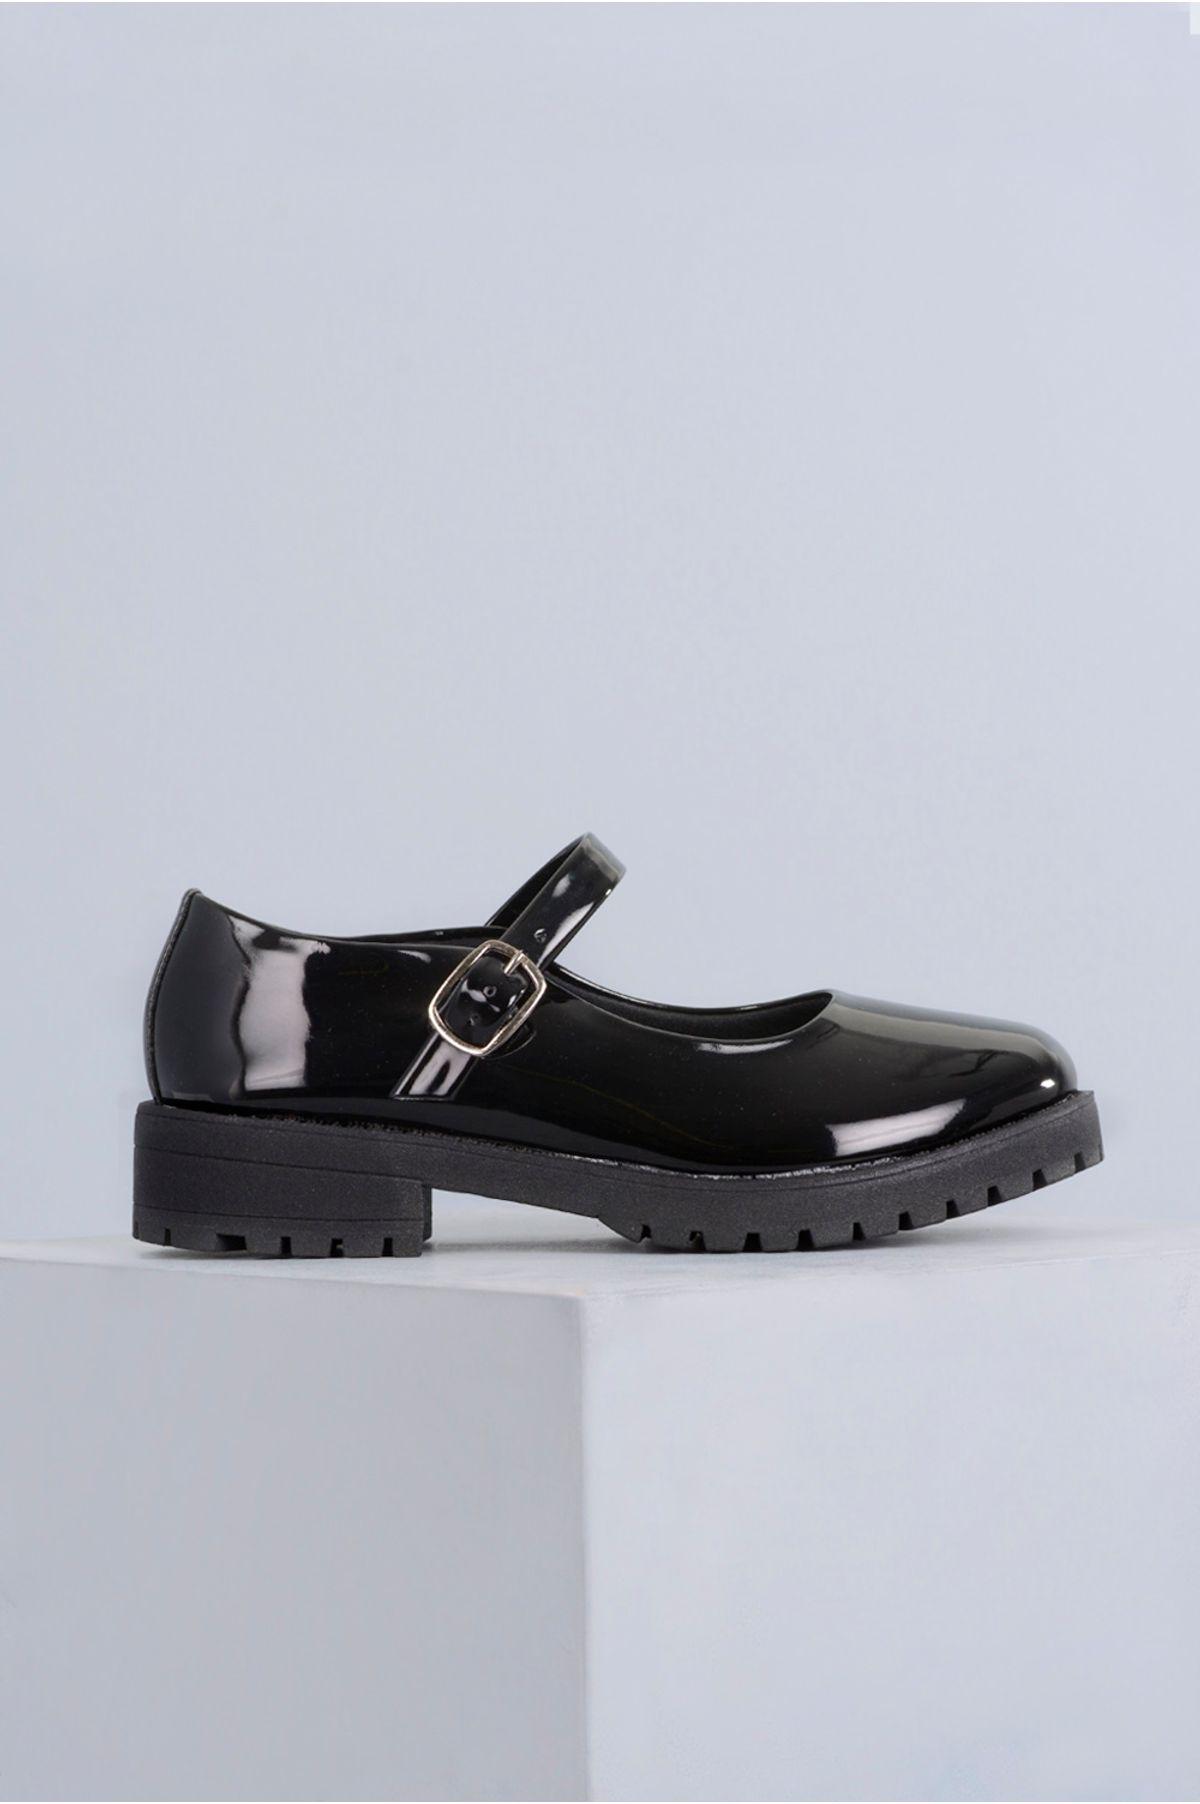 48d867dbd4 Sapato Feminino Boneca Cleo Mundial VERNIZ PRETO - Mundial Calçados